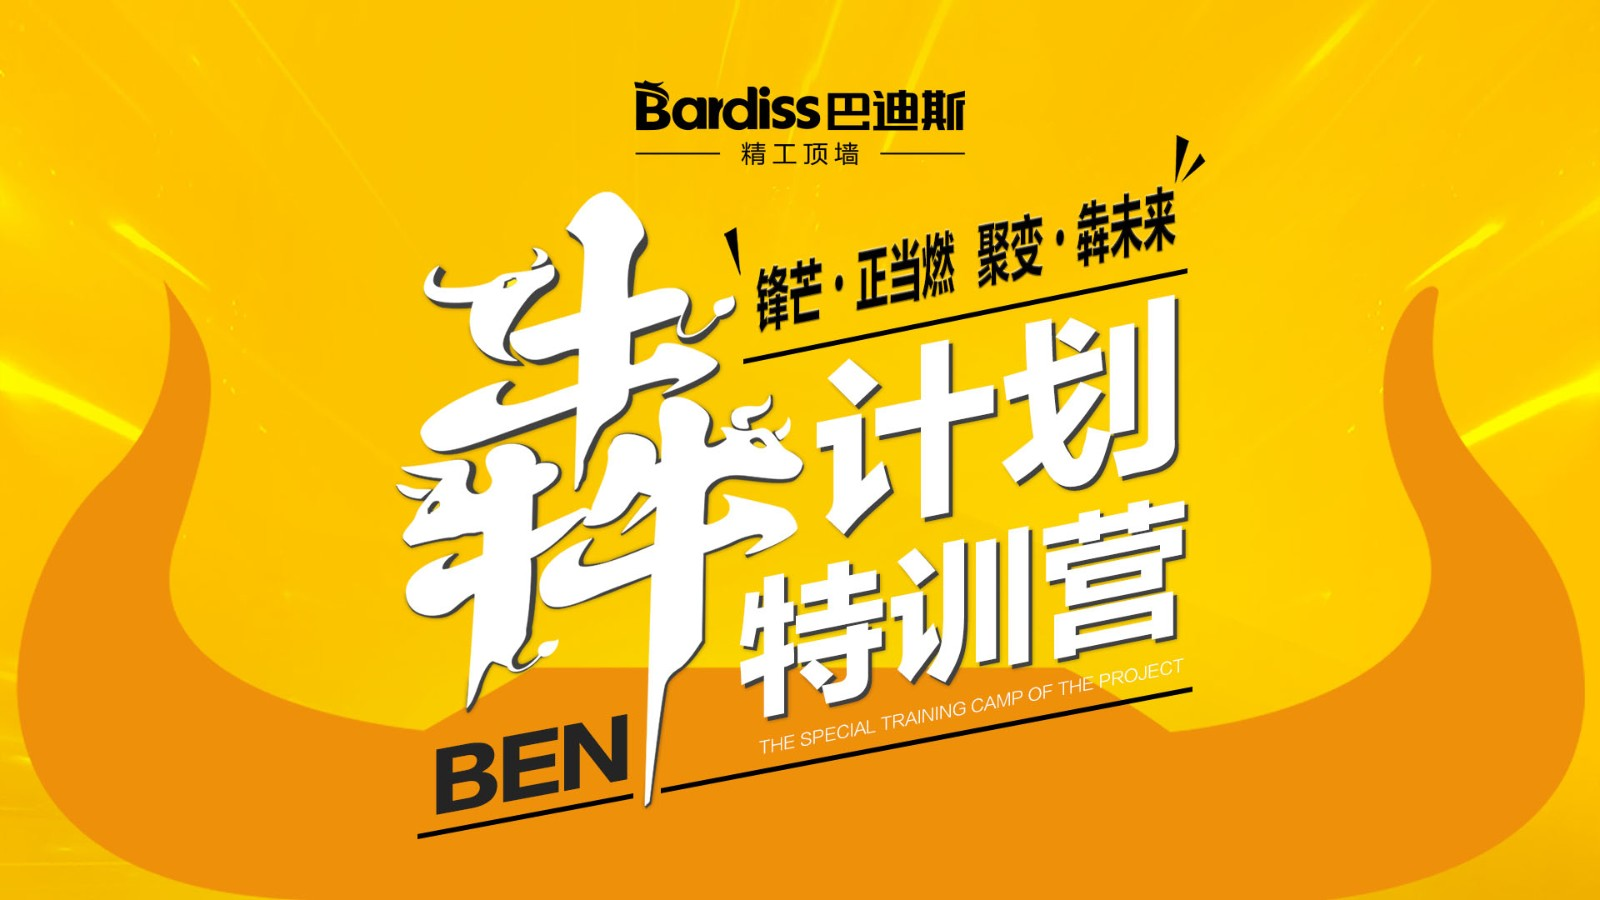 """阳春三月,与巴迪斯共成长!巴迪斯特训营""""犇计划""""圆满收官!"""